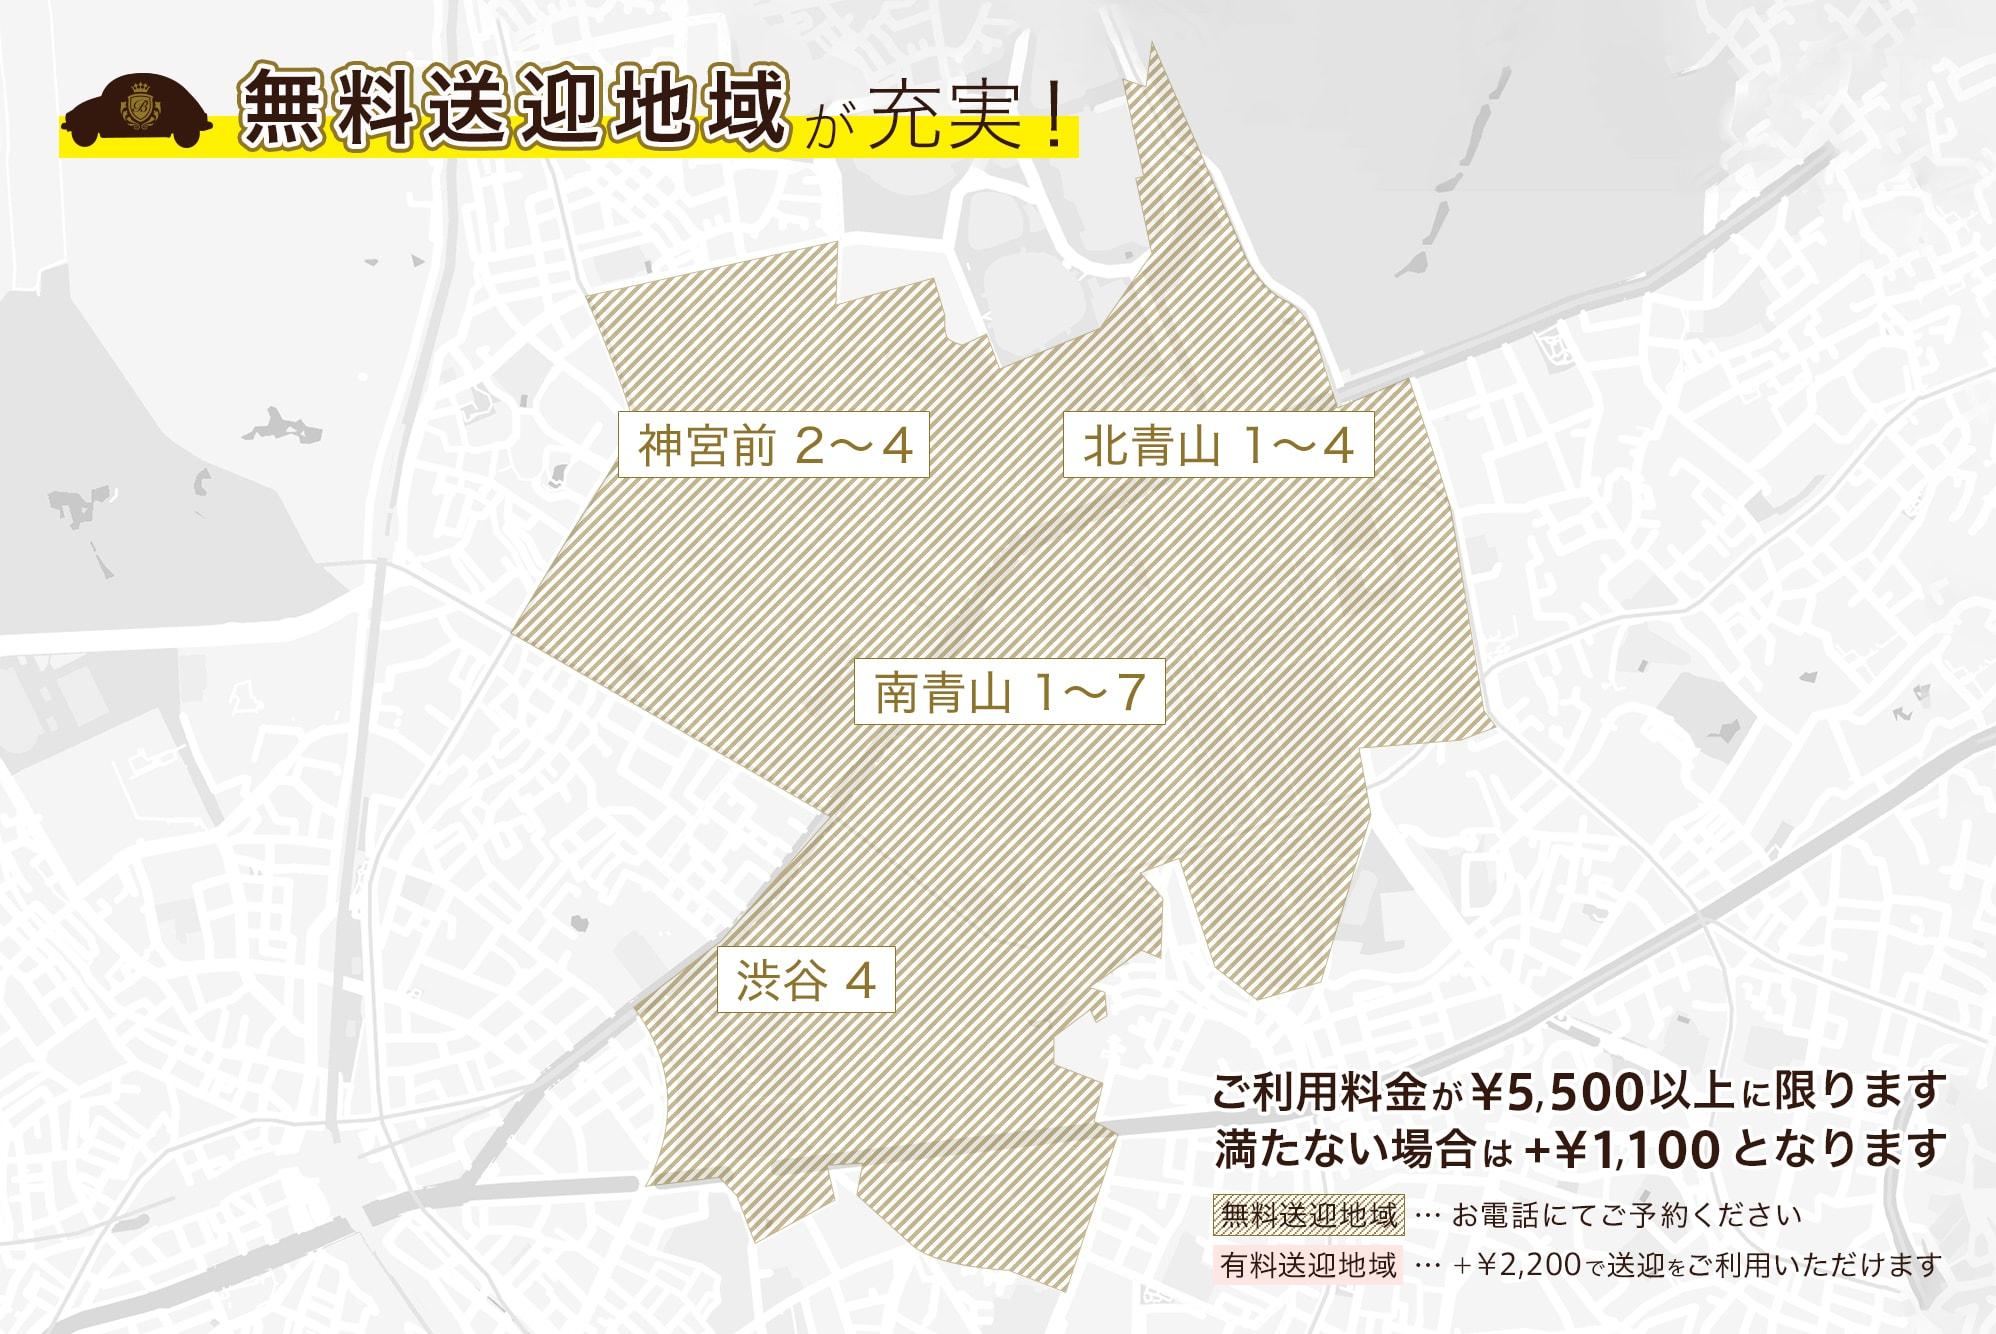 無料送迎地域【青山エリア】